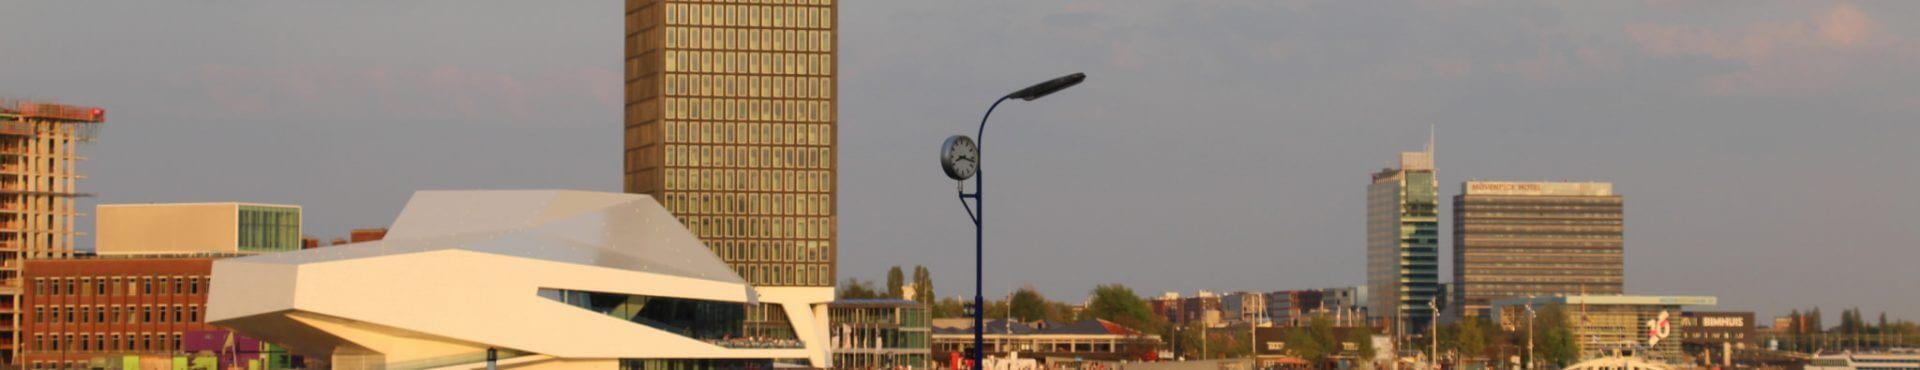 A'DAM Toren Lookout